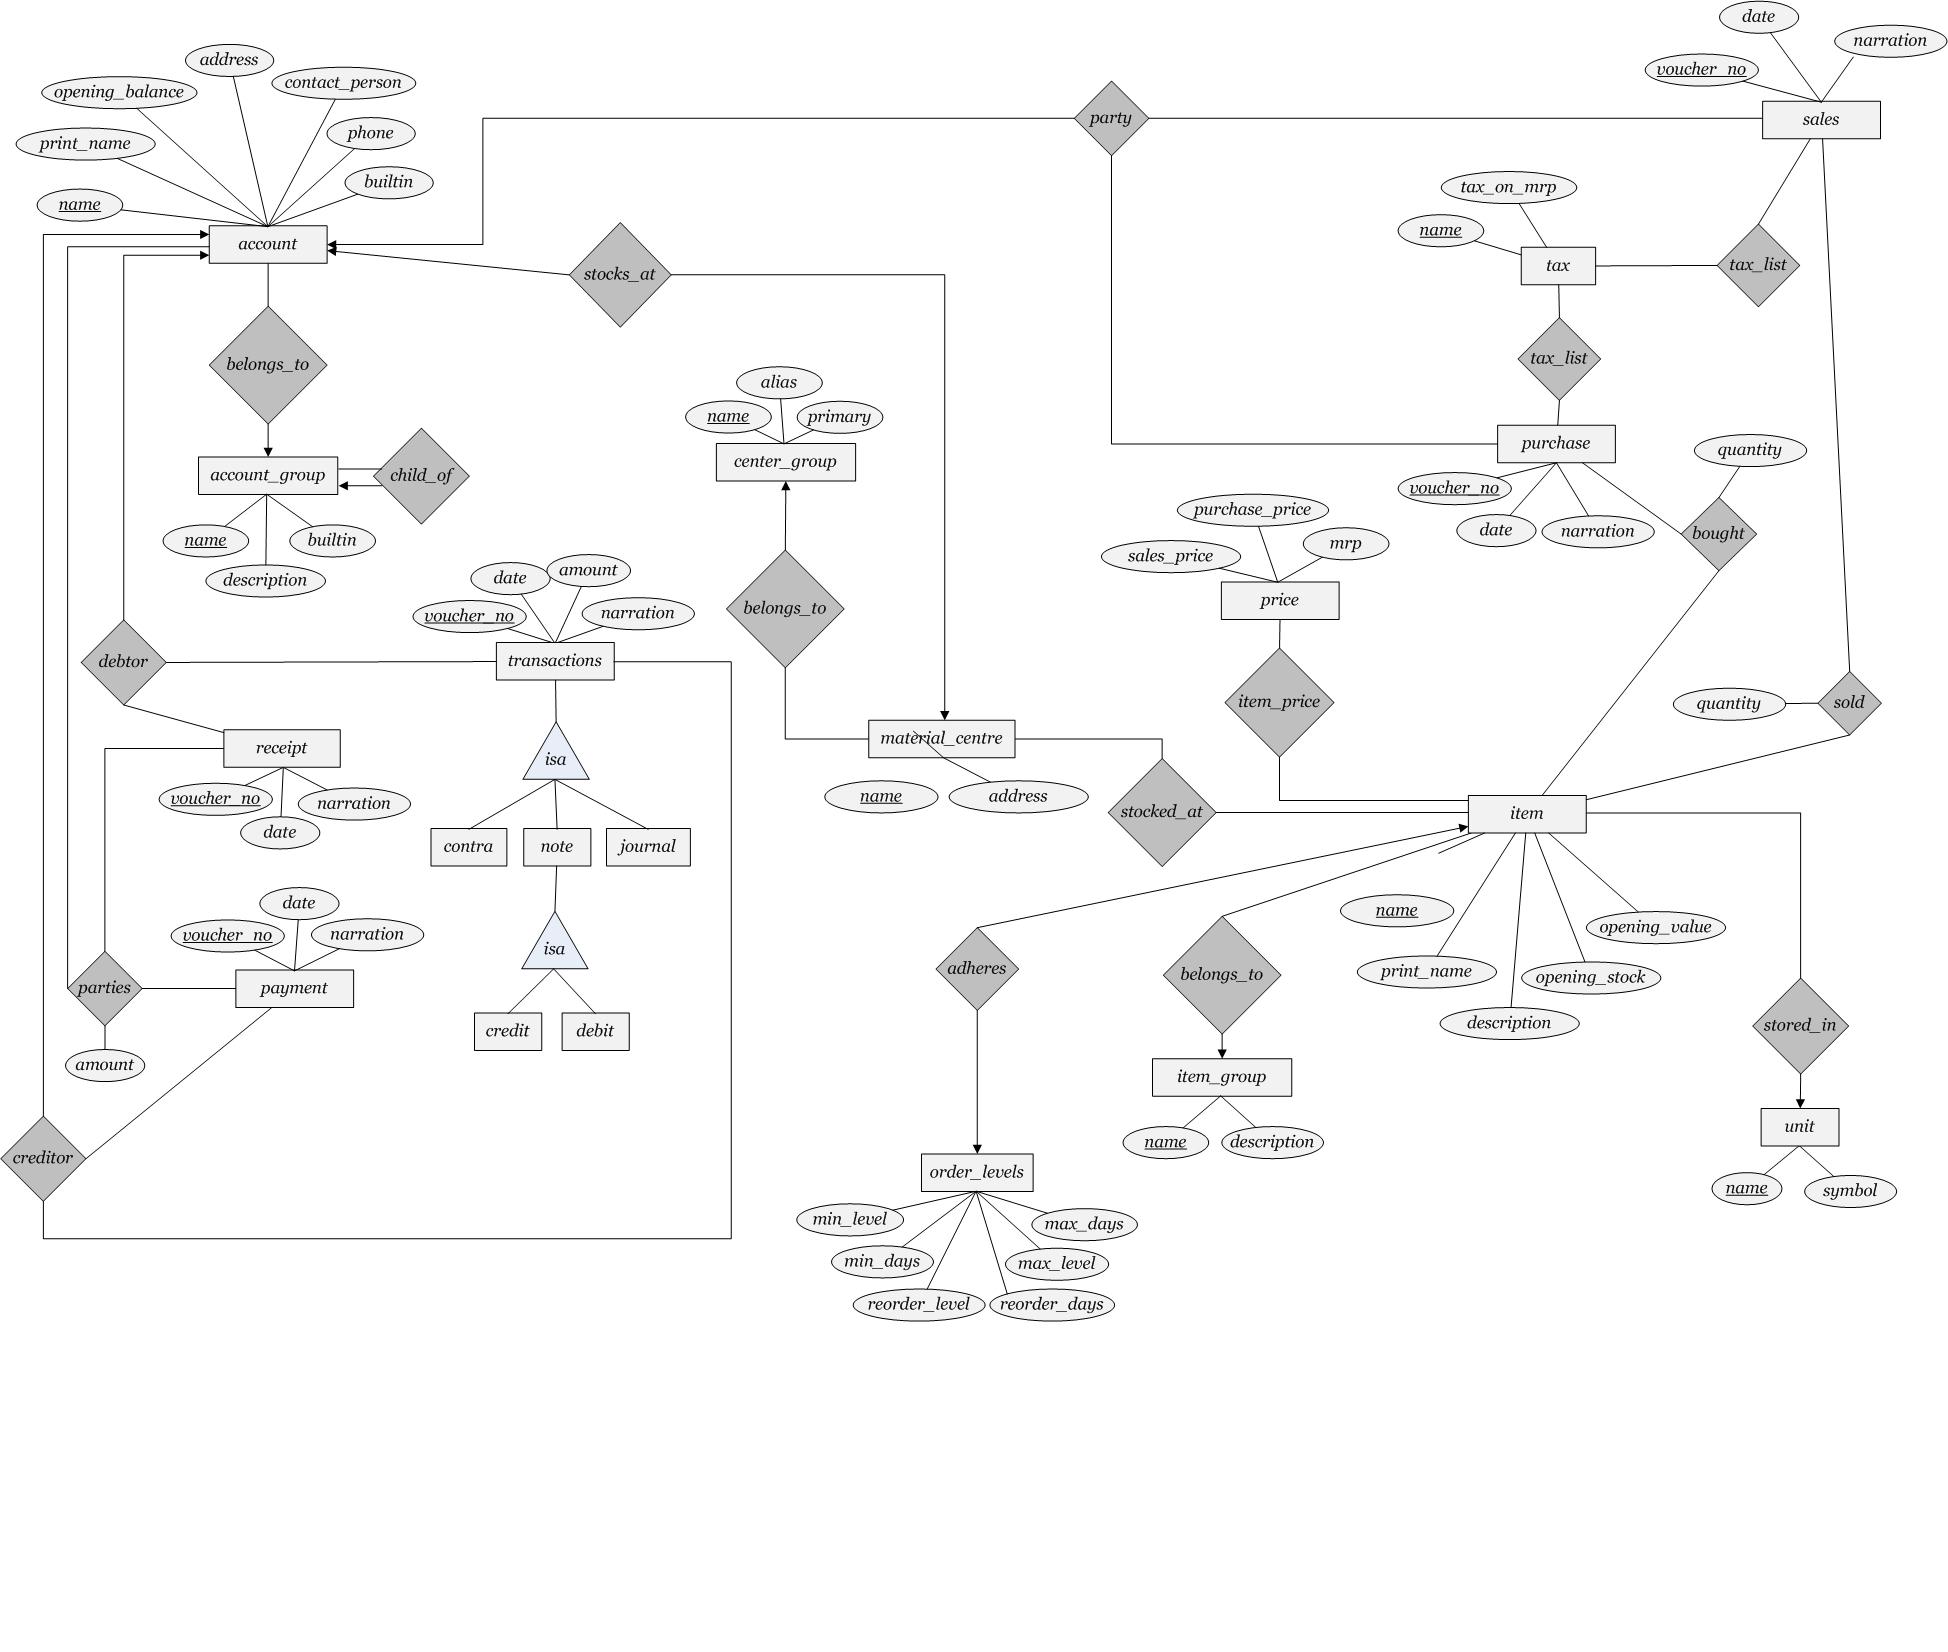 Primary Key In Er Diagram